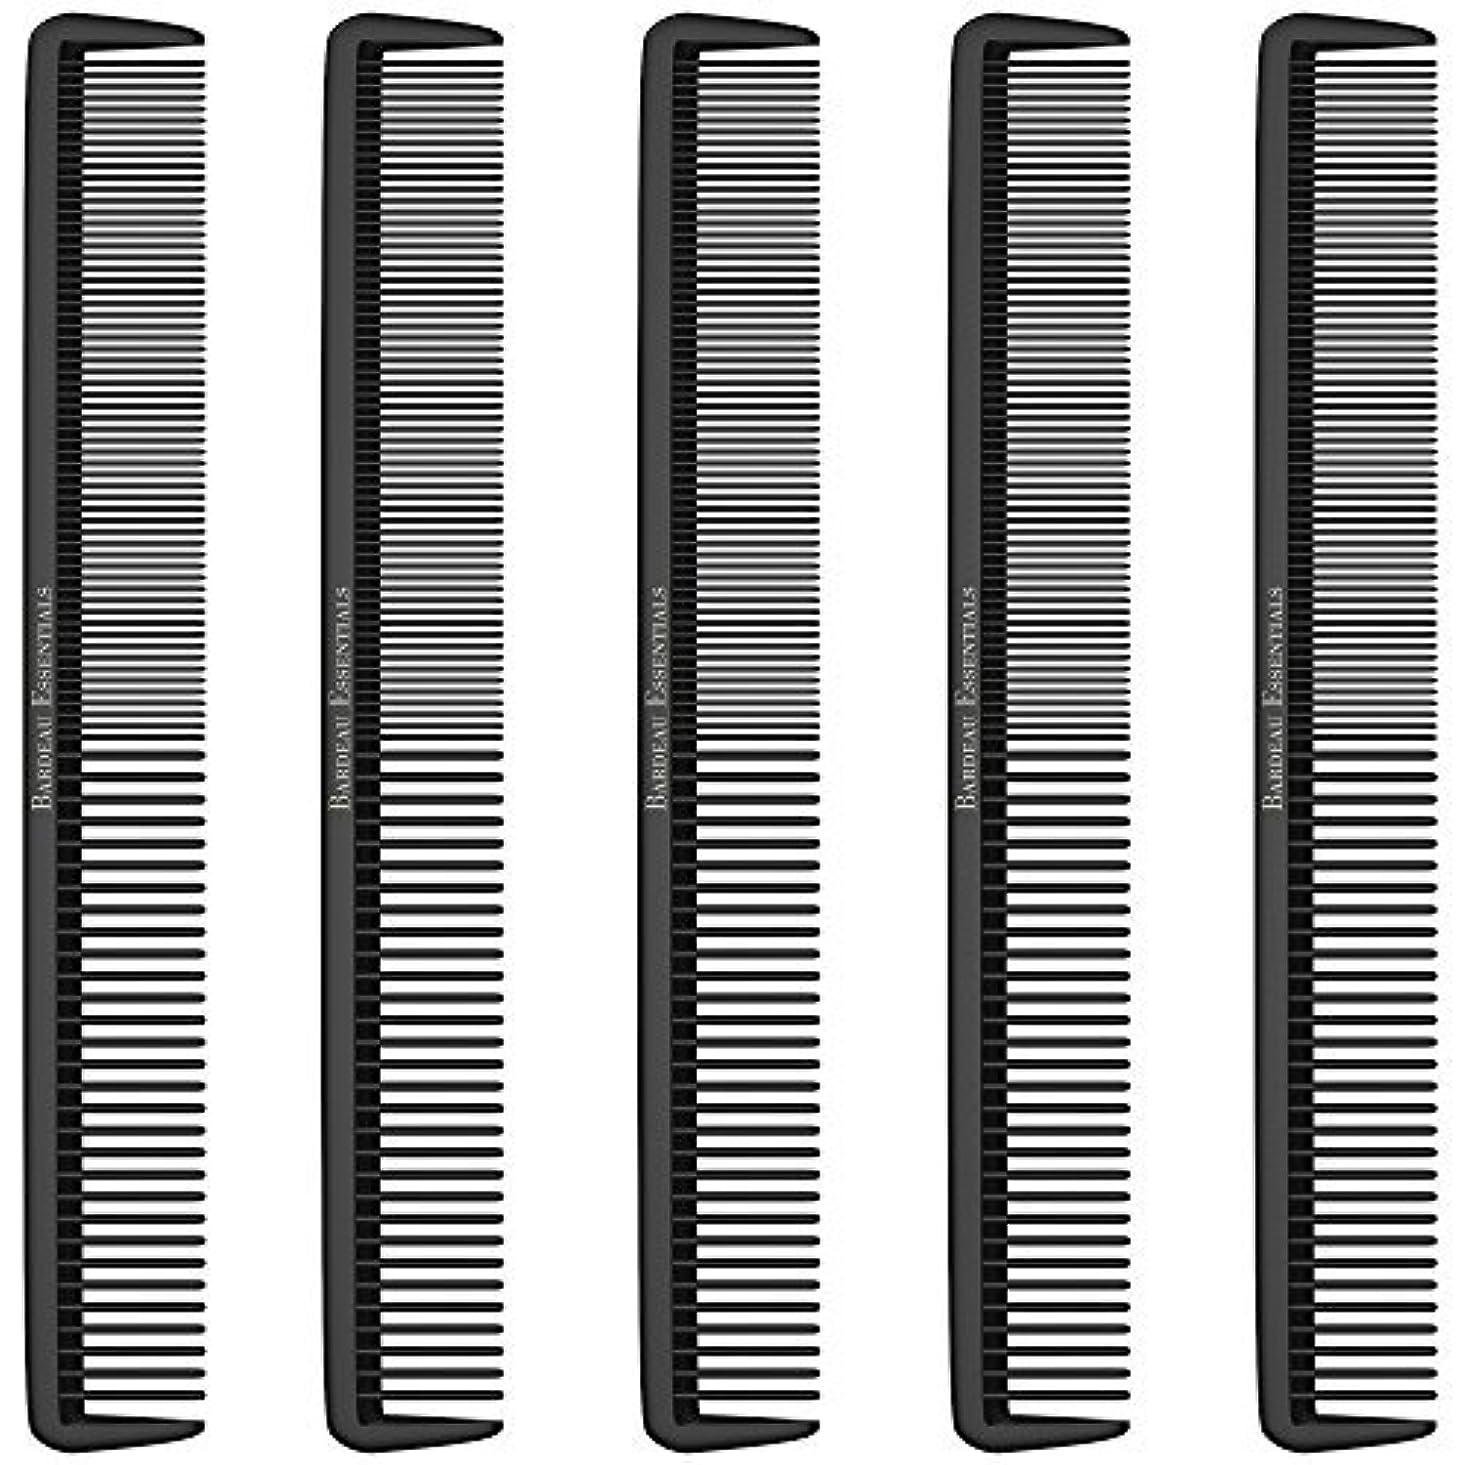 親密な配るバイオリニストStyling Comb (5 Pack) - Professional 8.75  Black Carbon Fiber Anti Static Chemical And Heat Resistant Hair Combs...